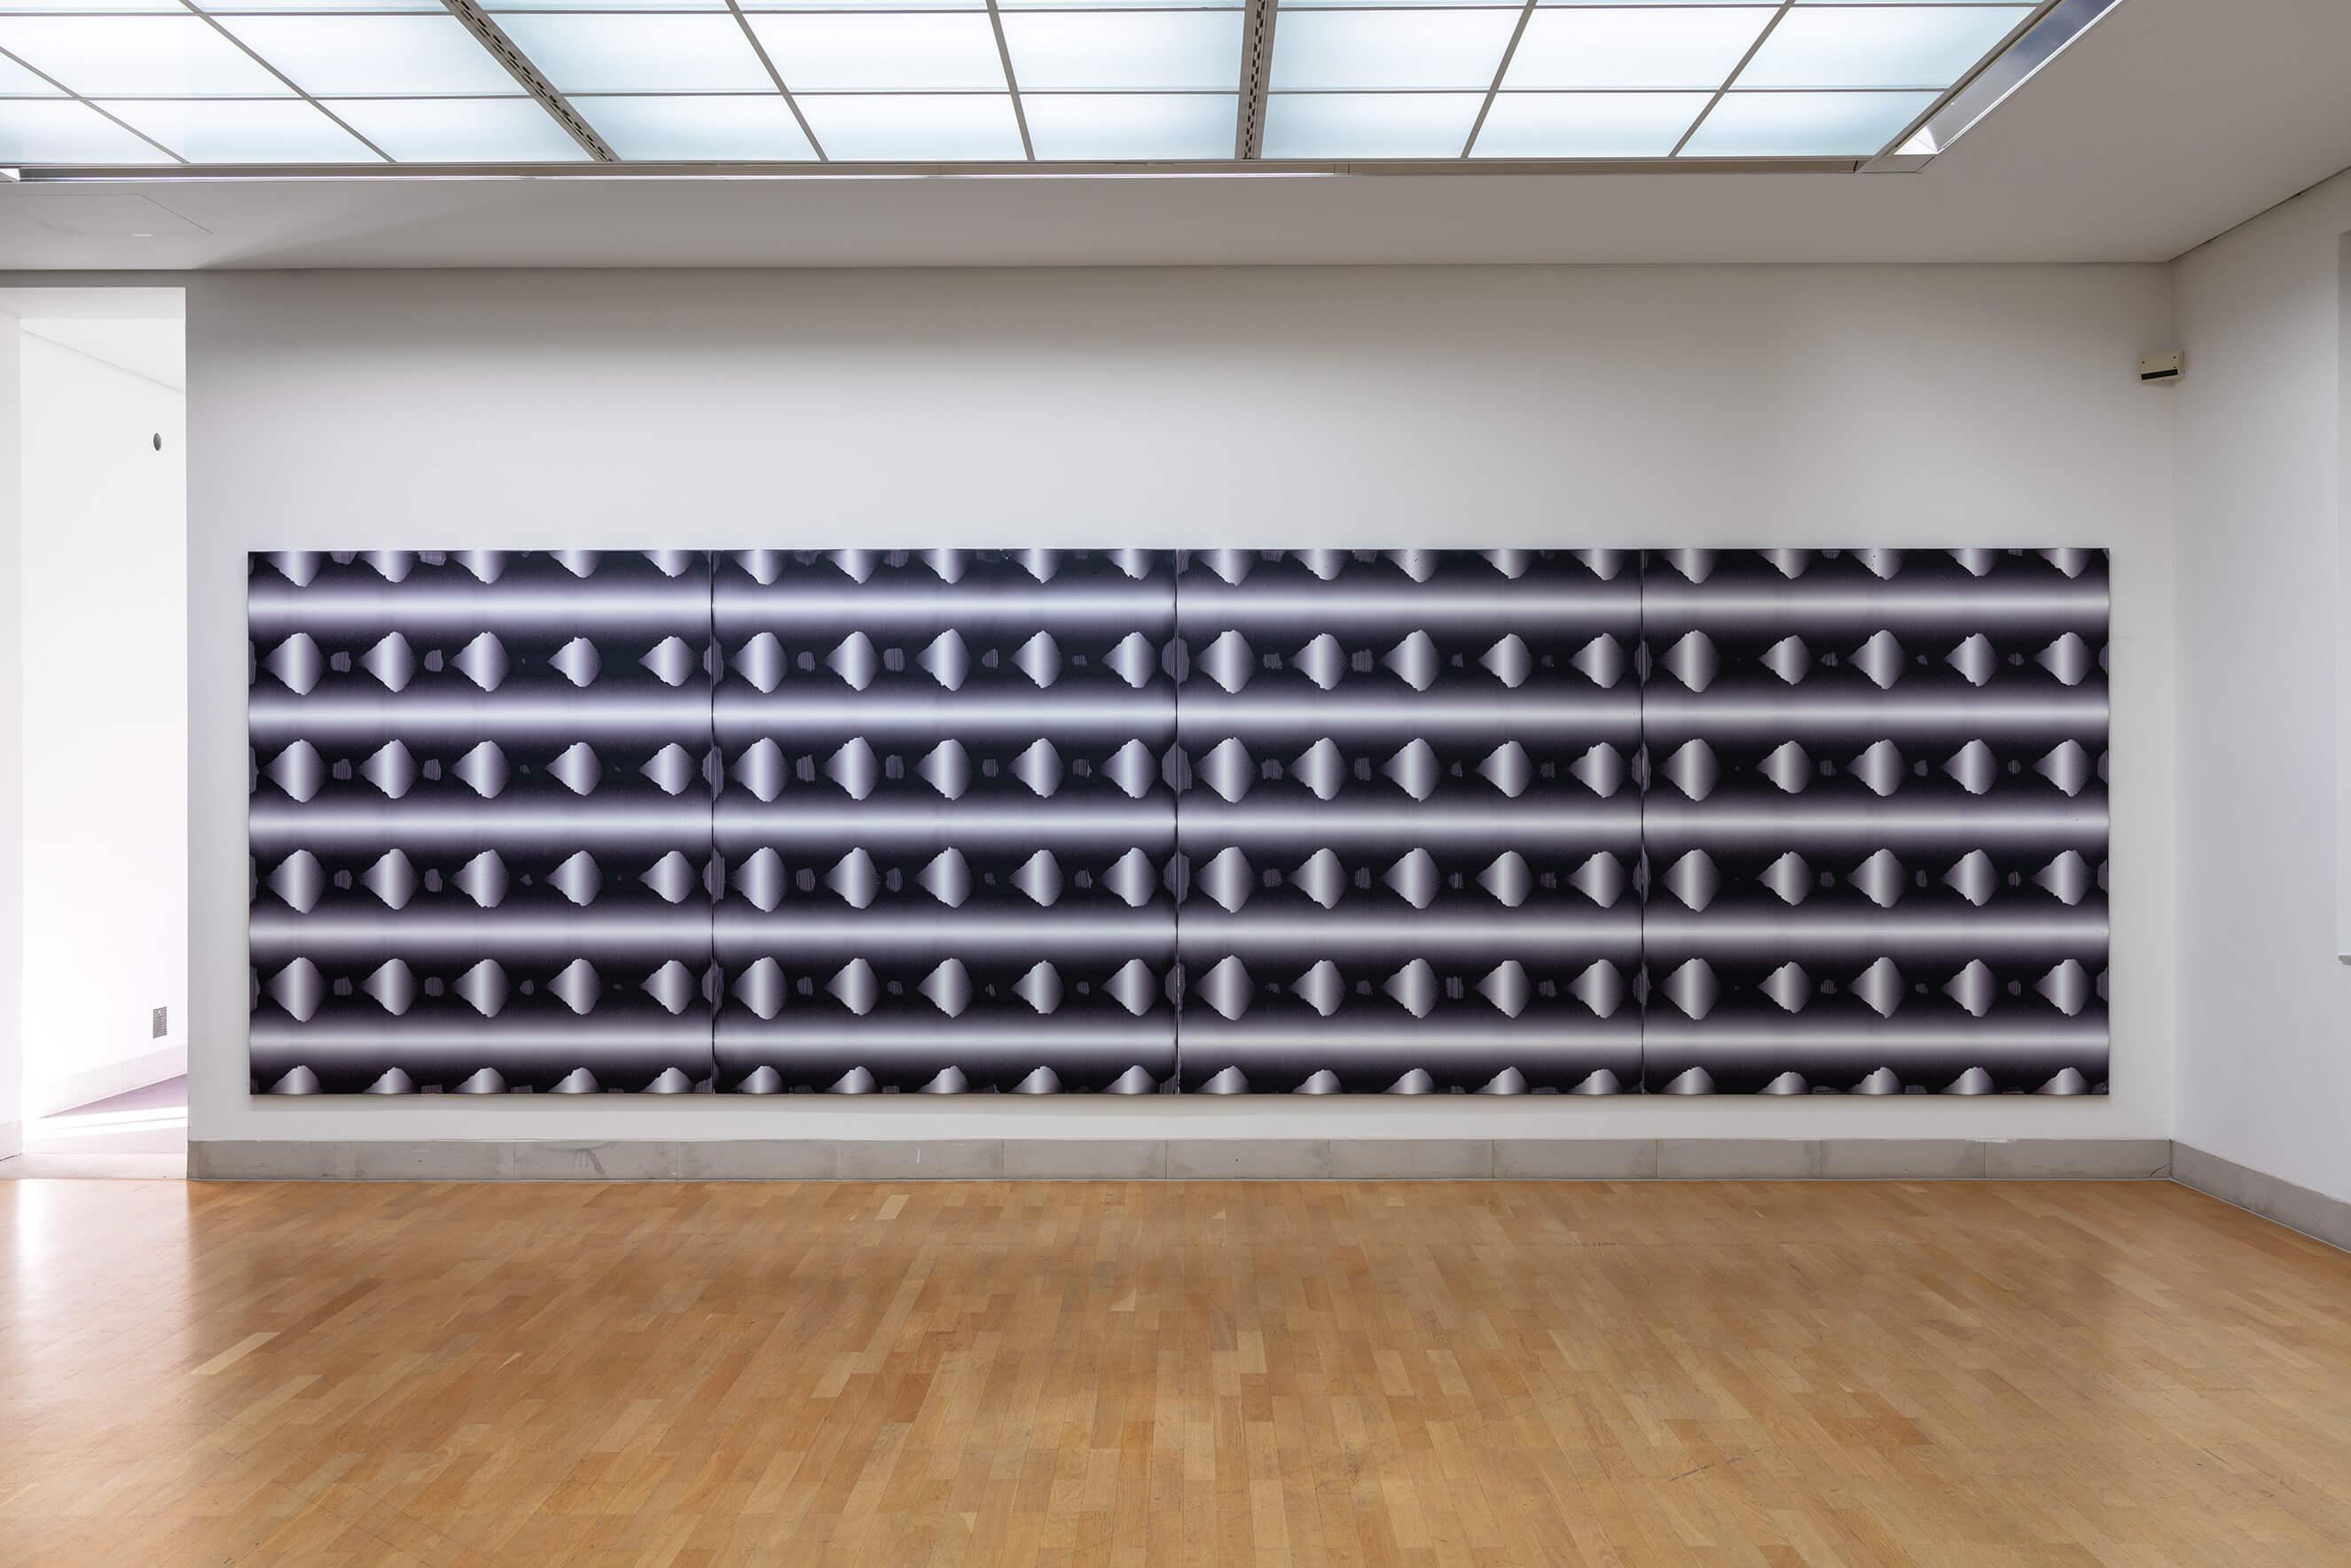 Kanta Kimura, D.121, D.120, D.122, D.123, D.115, D.116, D117, D.118, 2018, © VG Bild-Kunst, Bonn 2018, Foto: Henning Krause